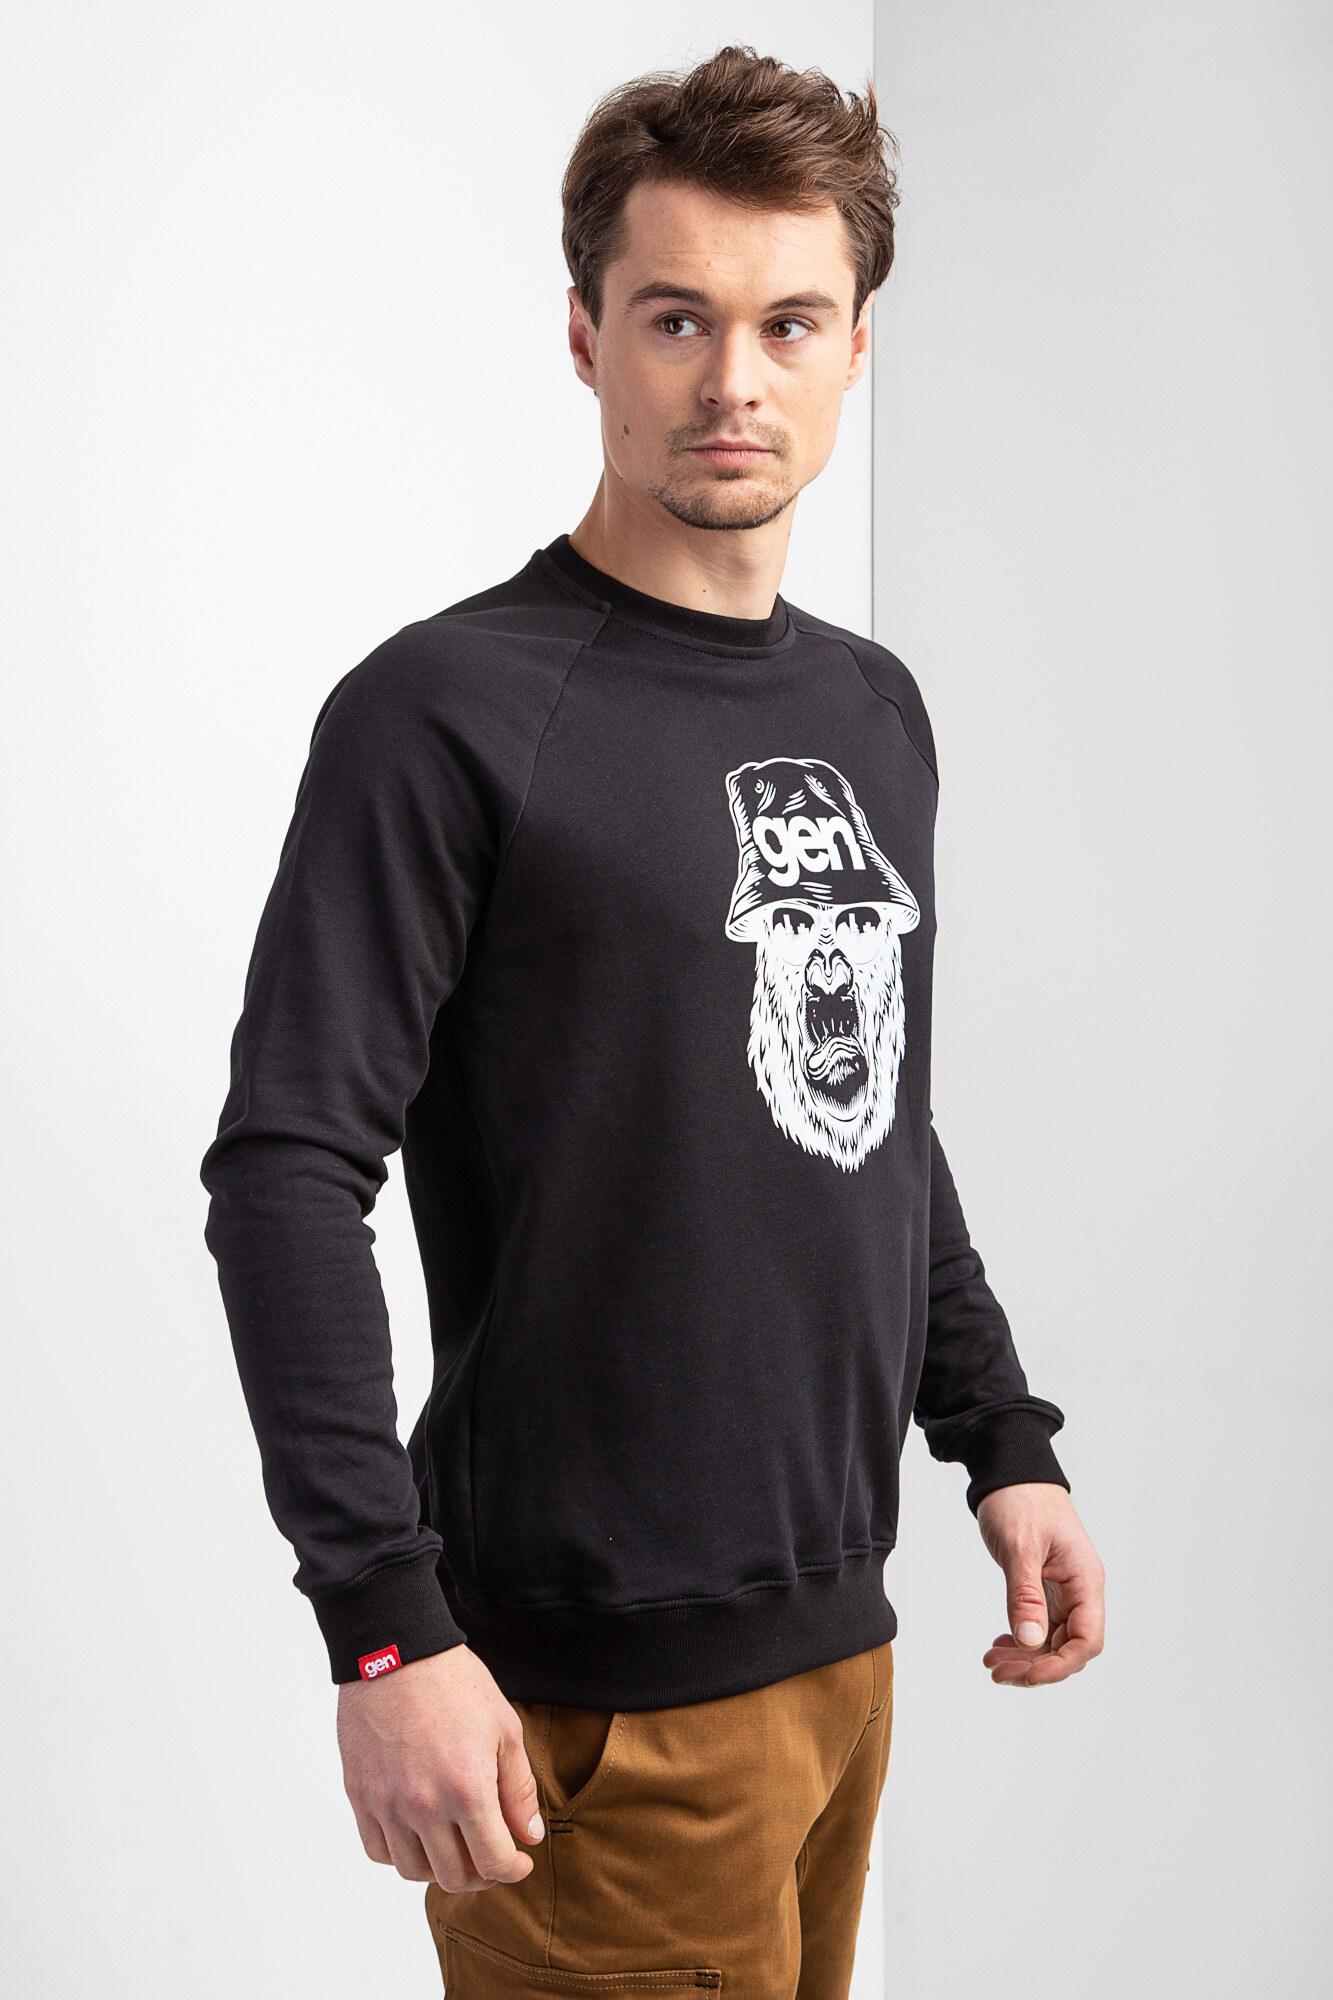 Трикотажный черный свитшот реглан с белым принтом - Фото 1